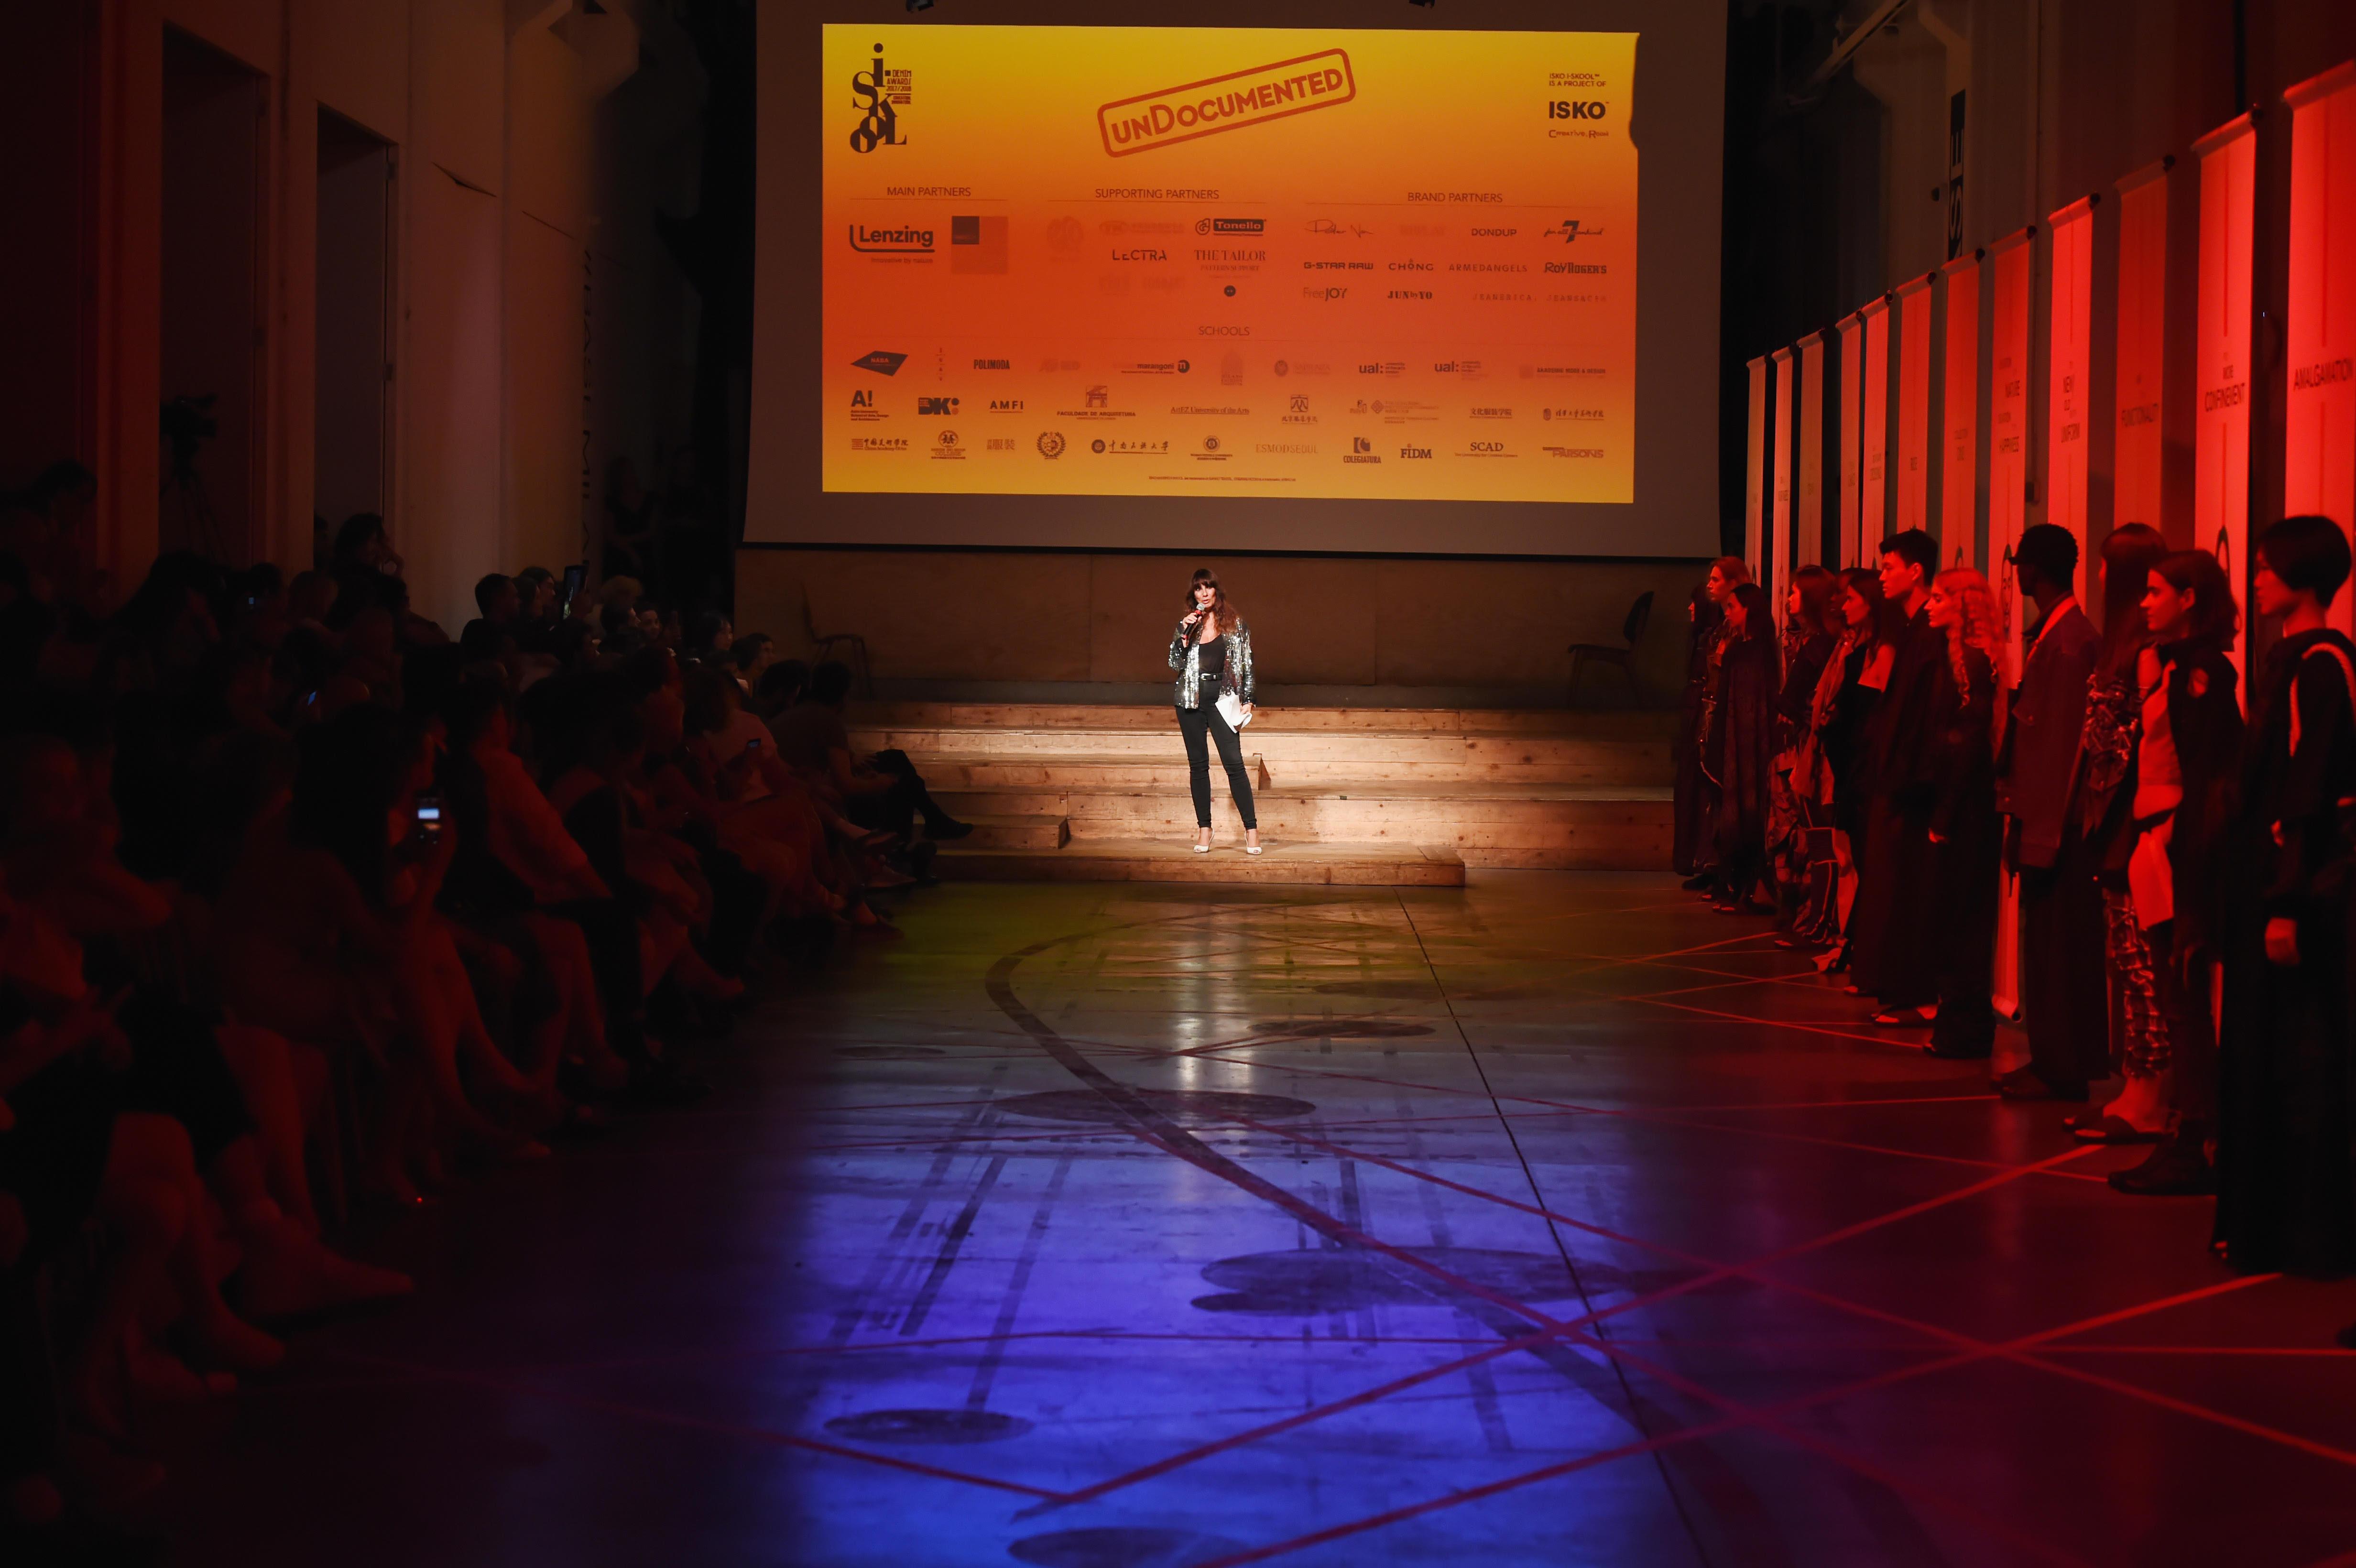 Menabò, agenzia di comunicazione a Forlì, per ISKO I-SKOOL 5 - Paola Maugeri